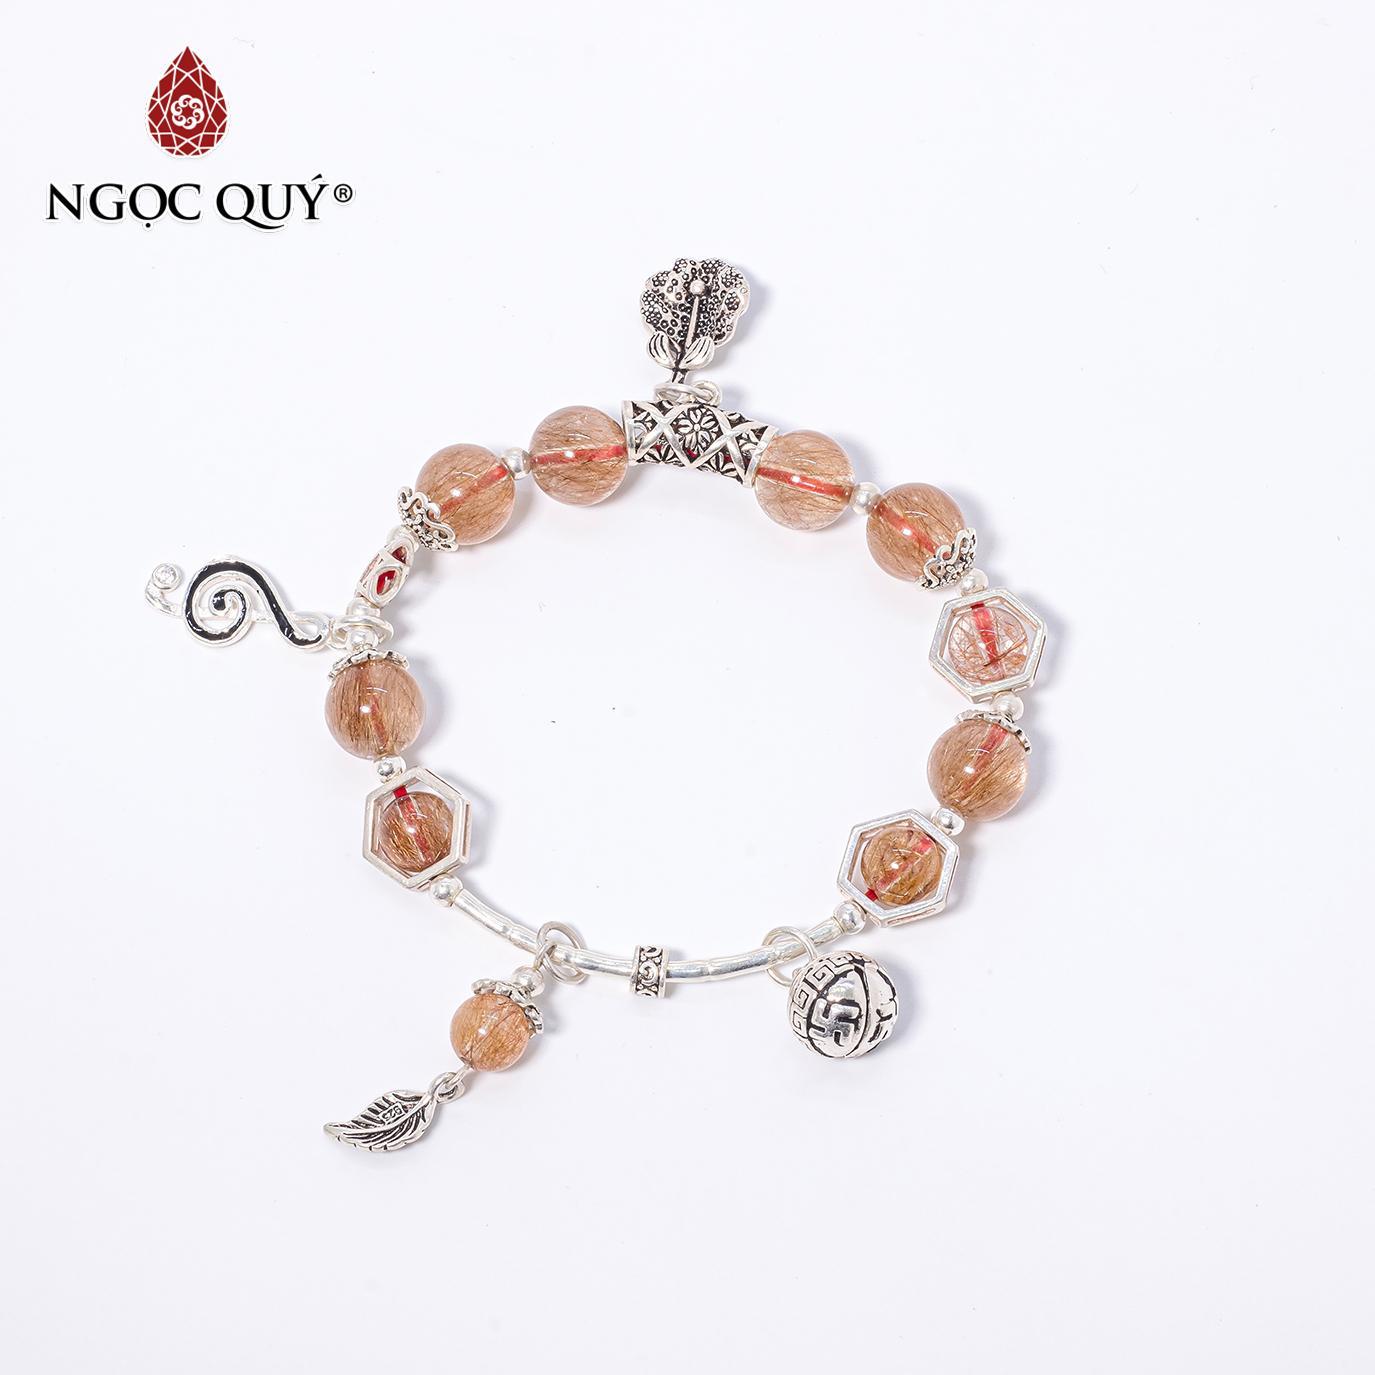 Vòng tay đá thạch anh tóc đỏ charm chuông bạc 10mm mệnh hỏa,thổ (màu đỏ) - Ngọc Quý Gemstones